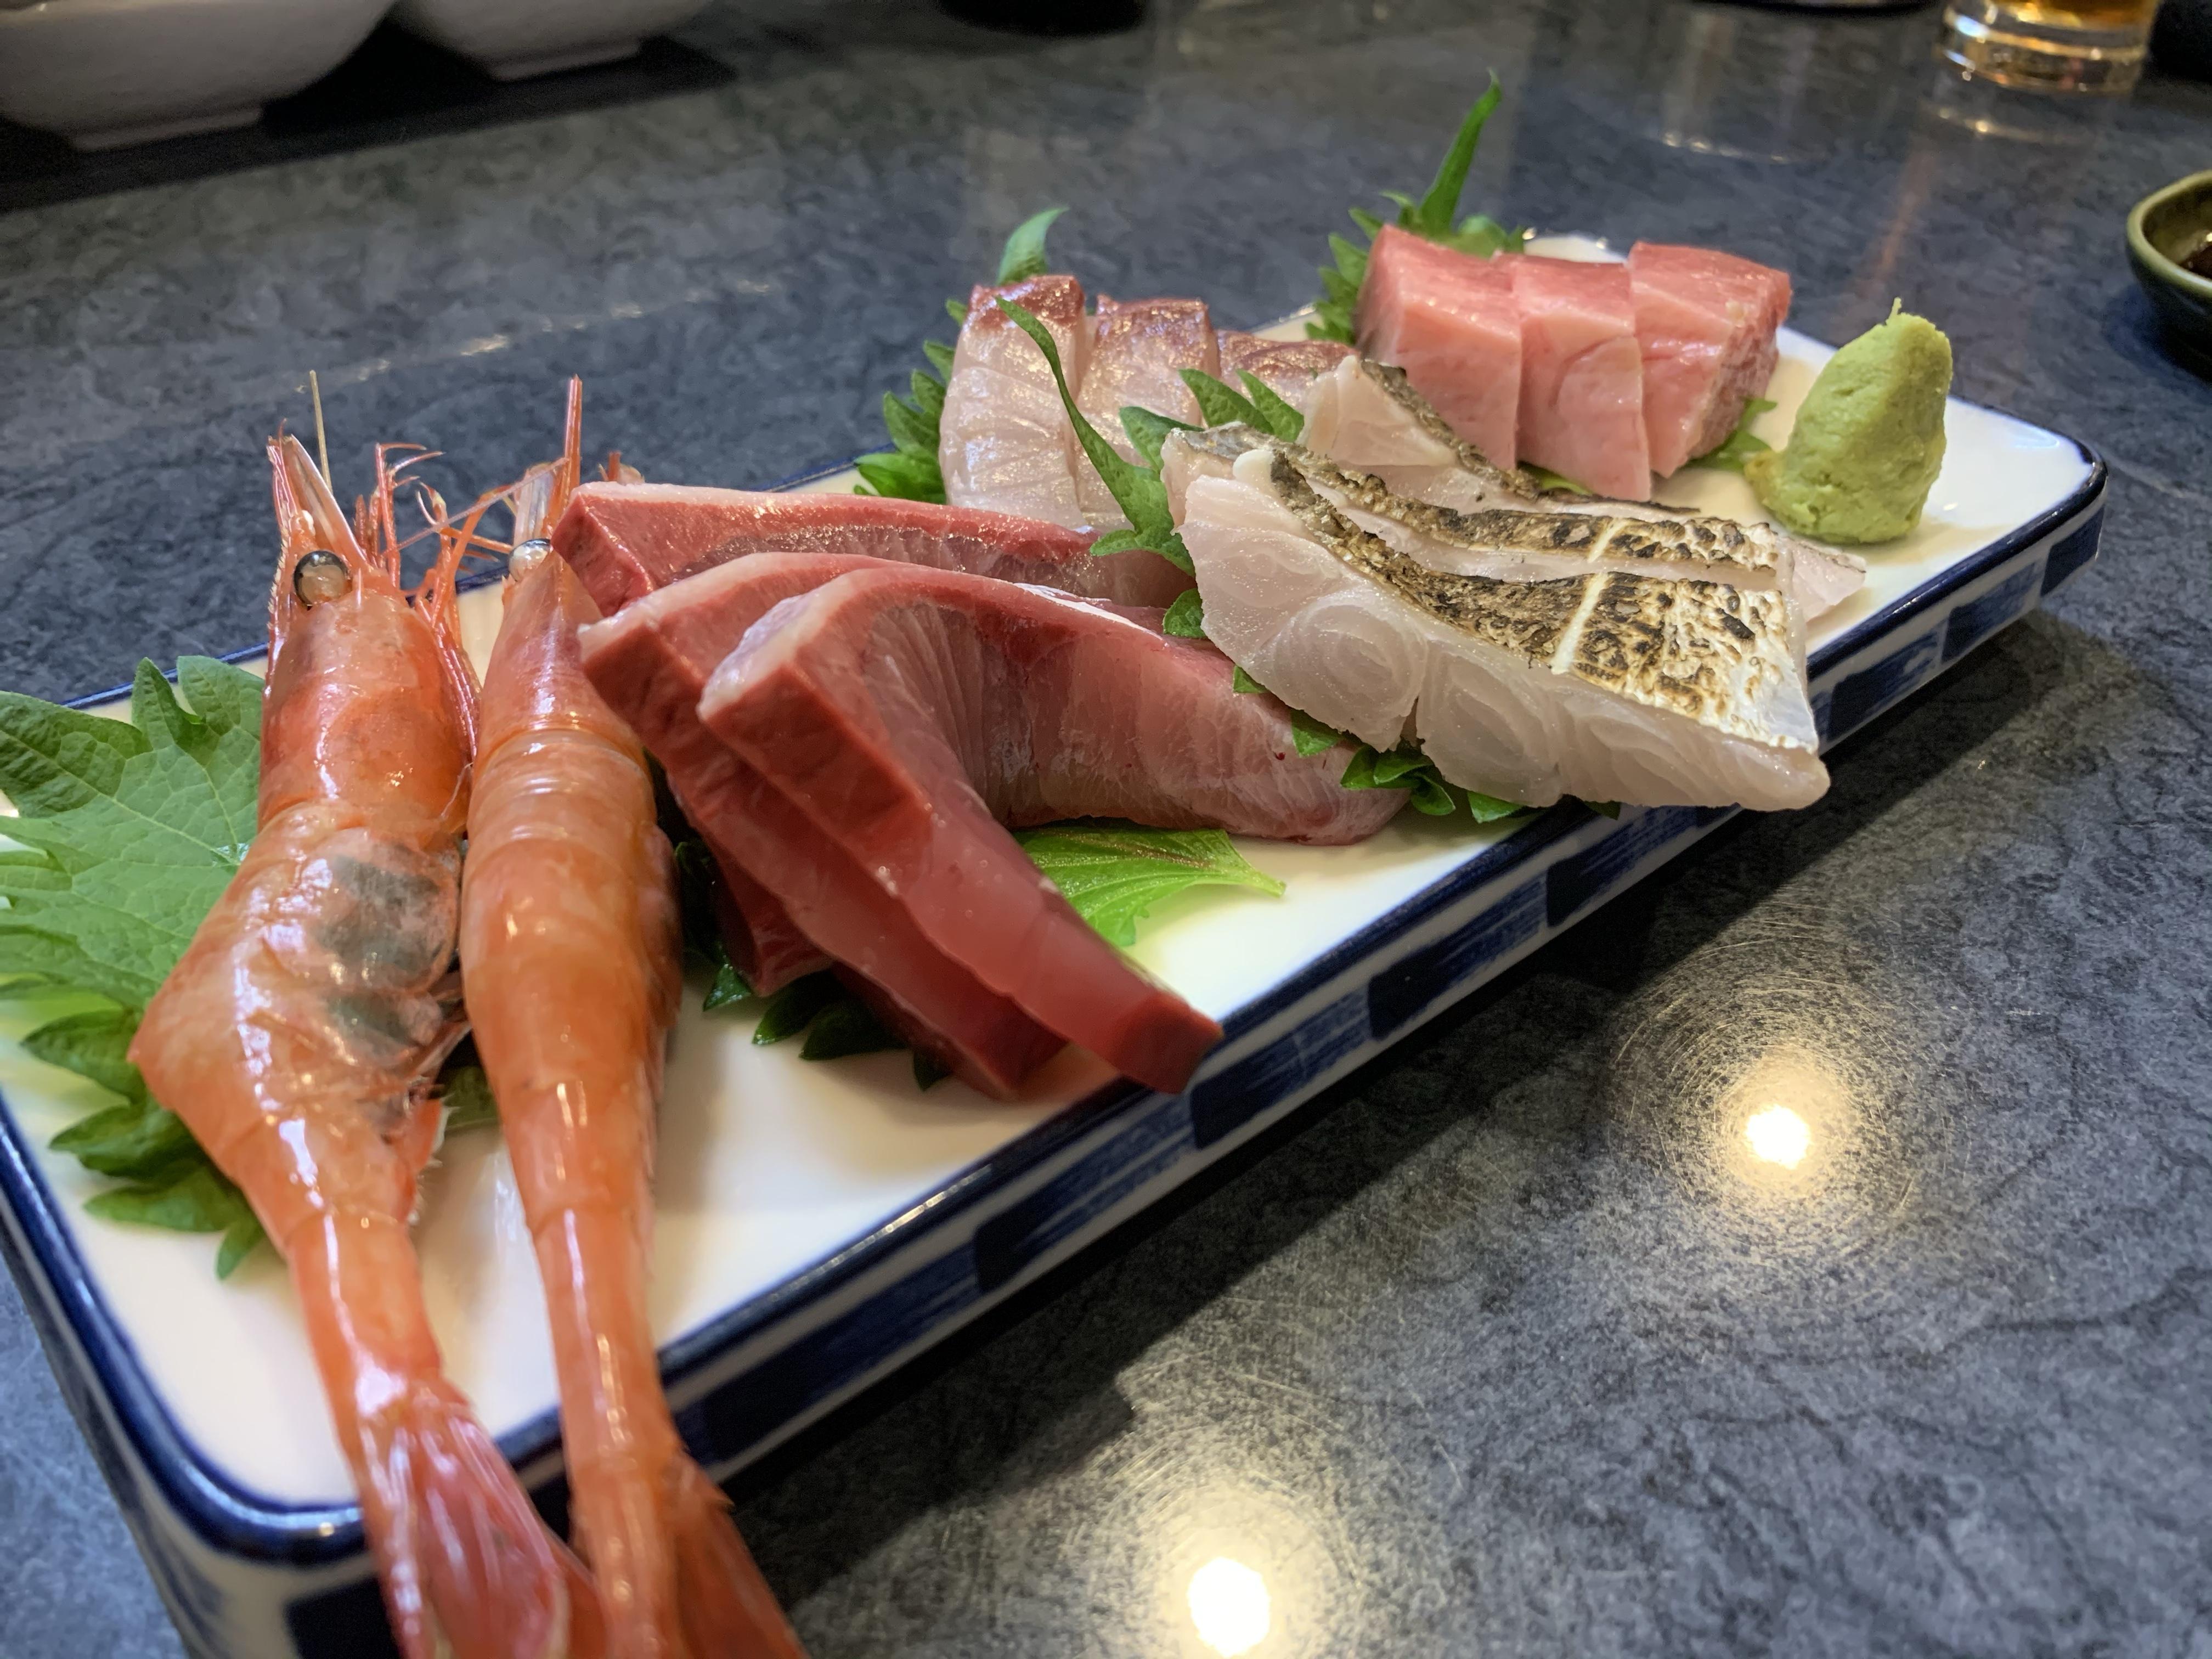 名古屋飲食店のテイクアウト市場を分析してみました!